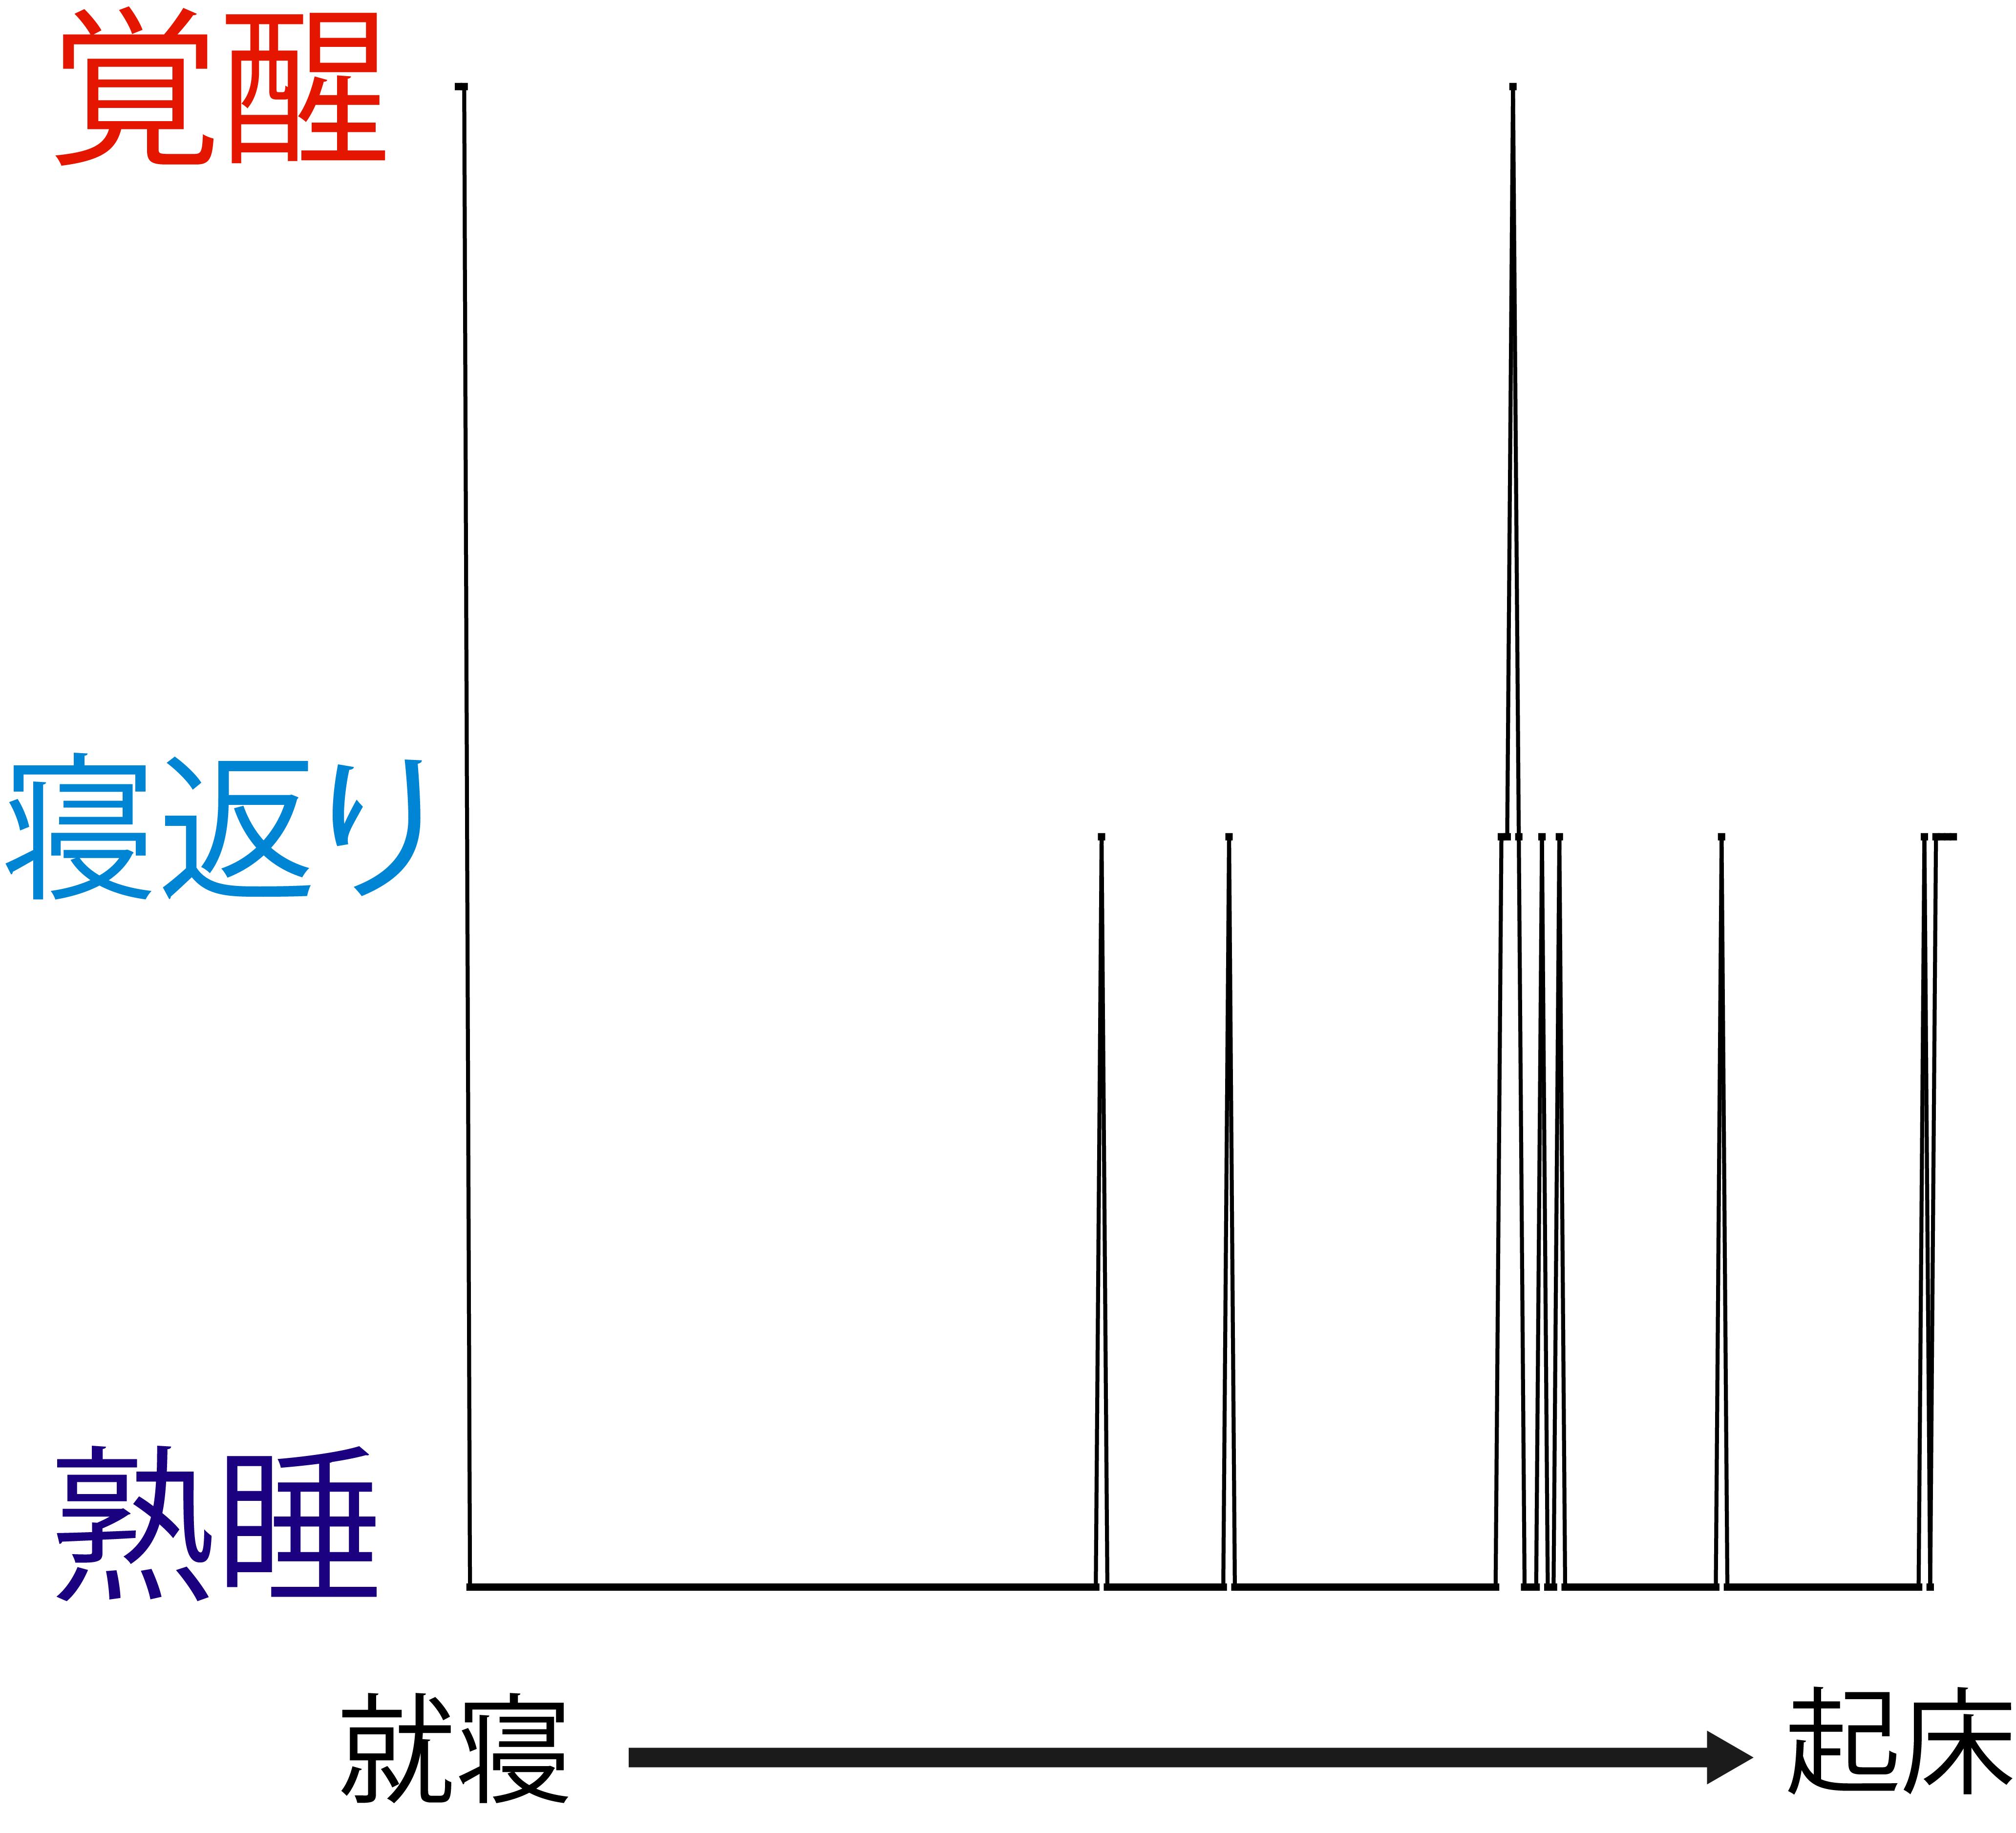 折れ線グラフになった睡眠データ